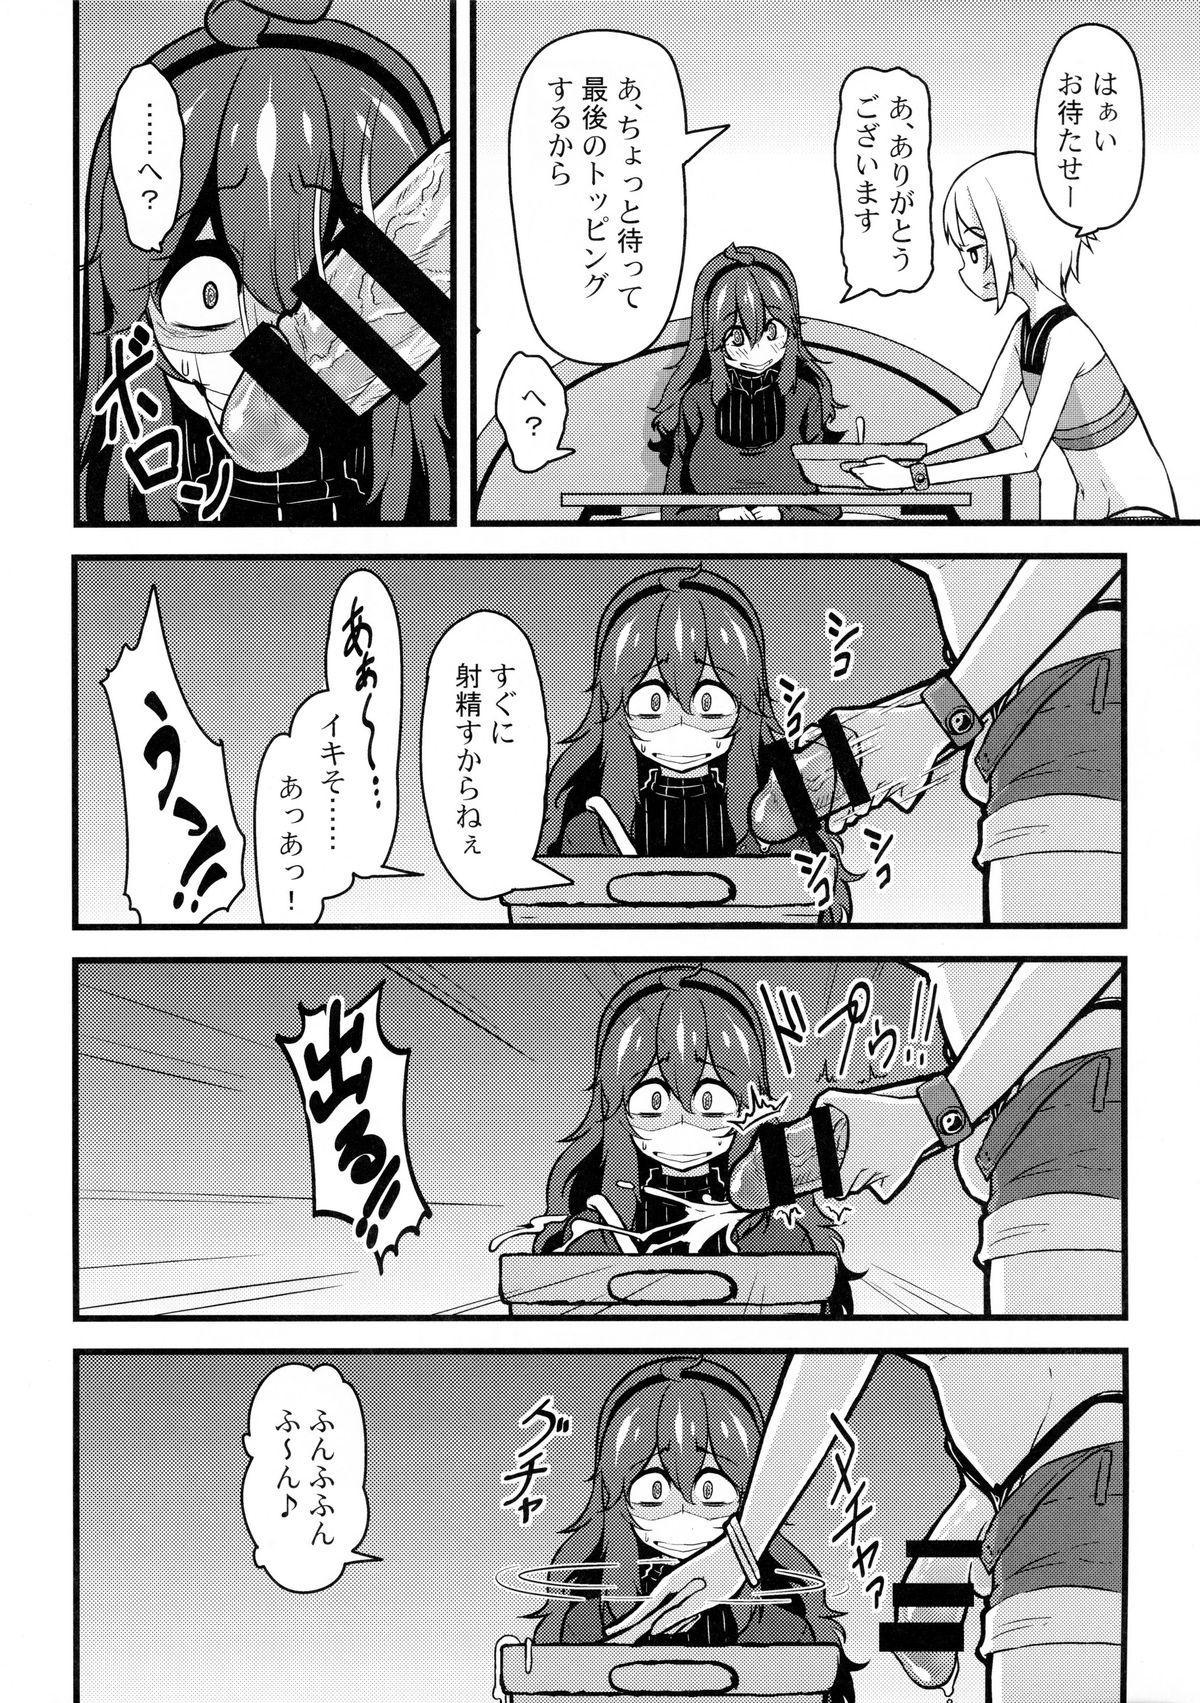 Tomodachi? Maniac 02 6